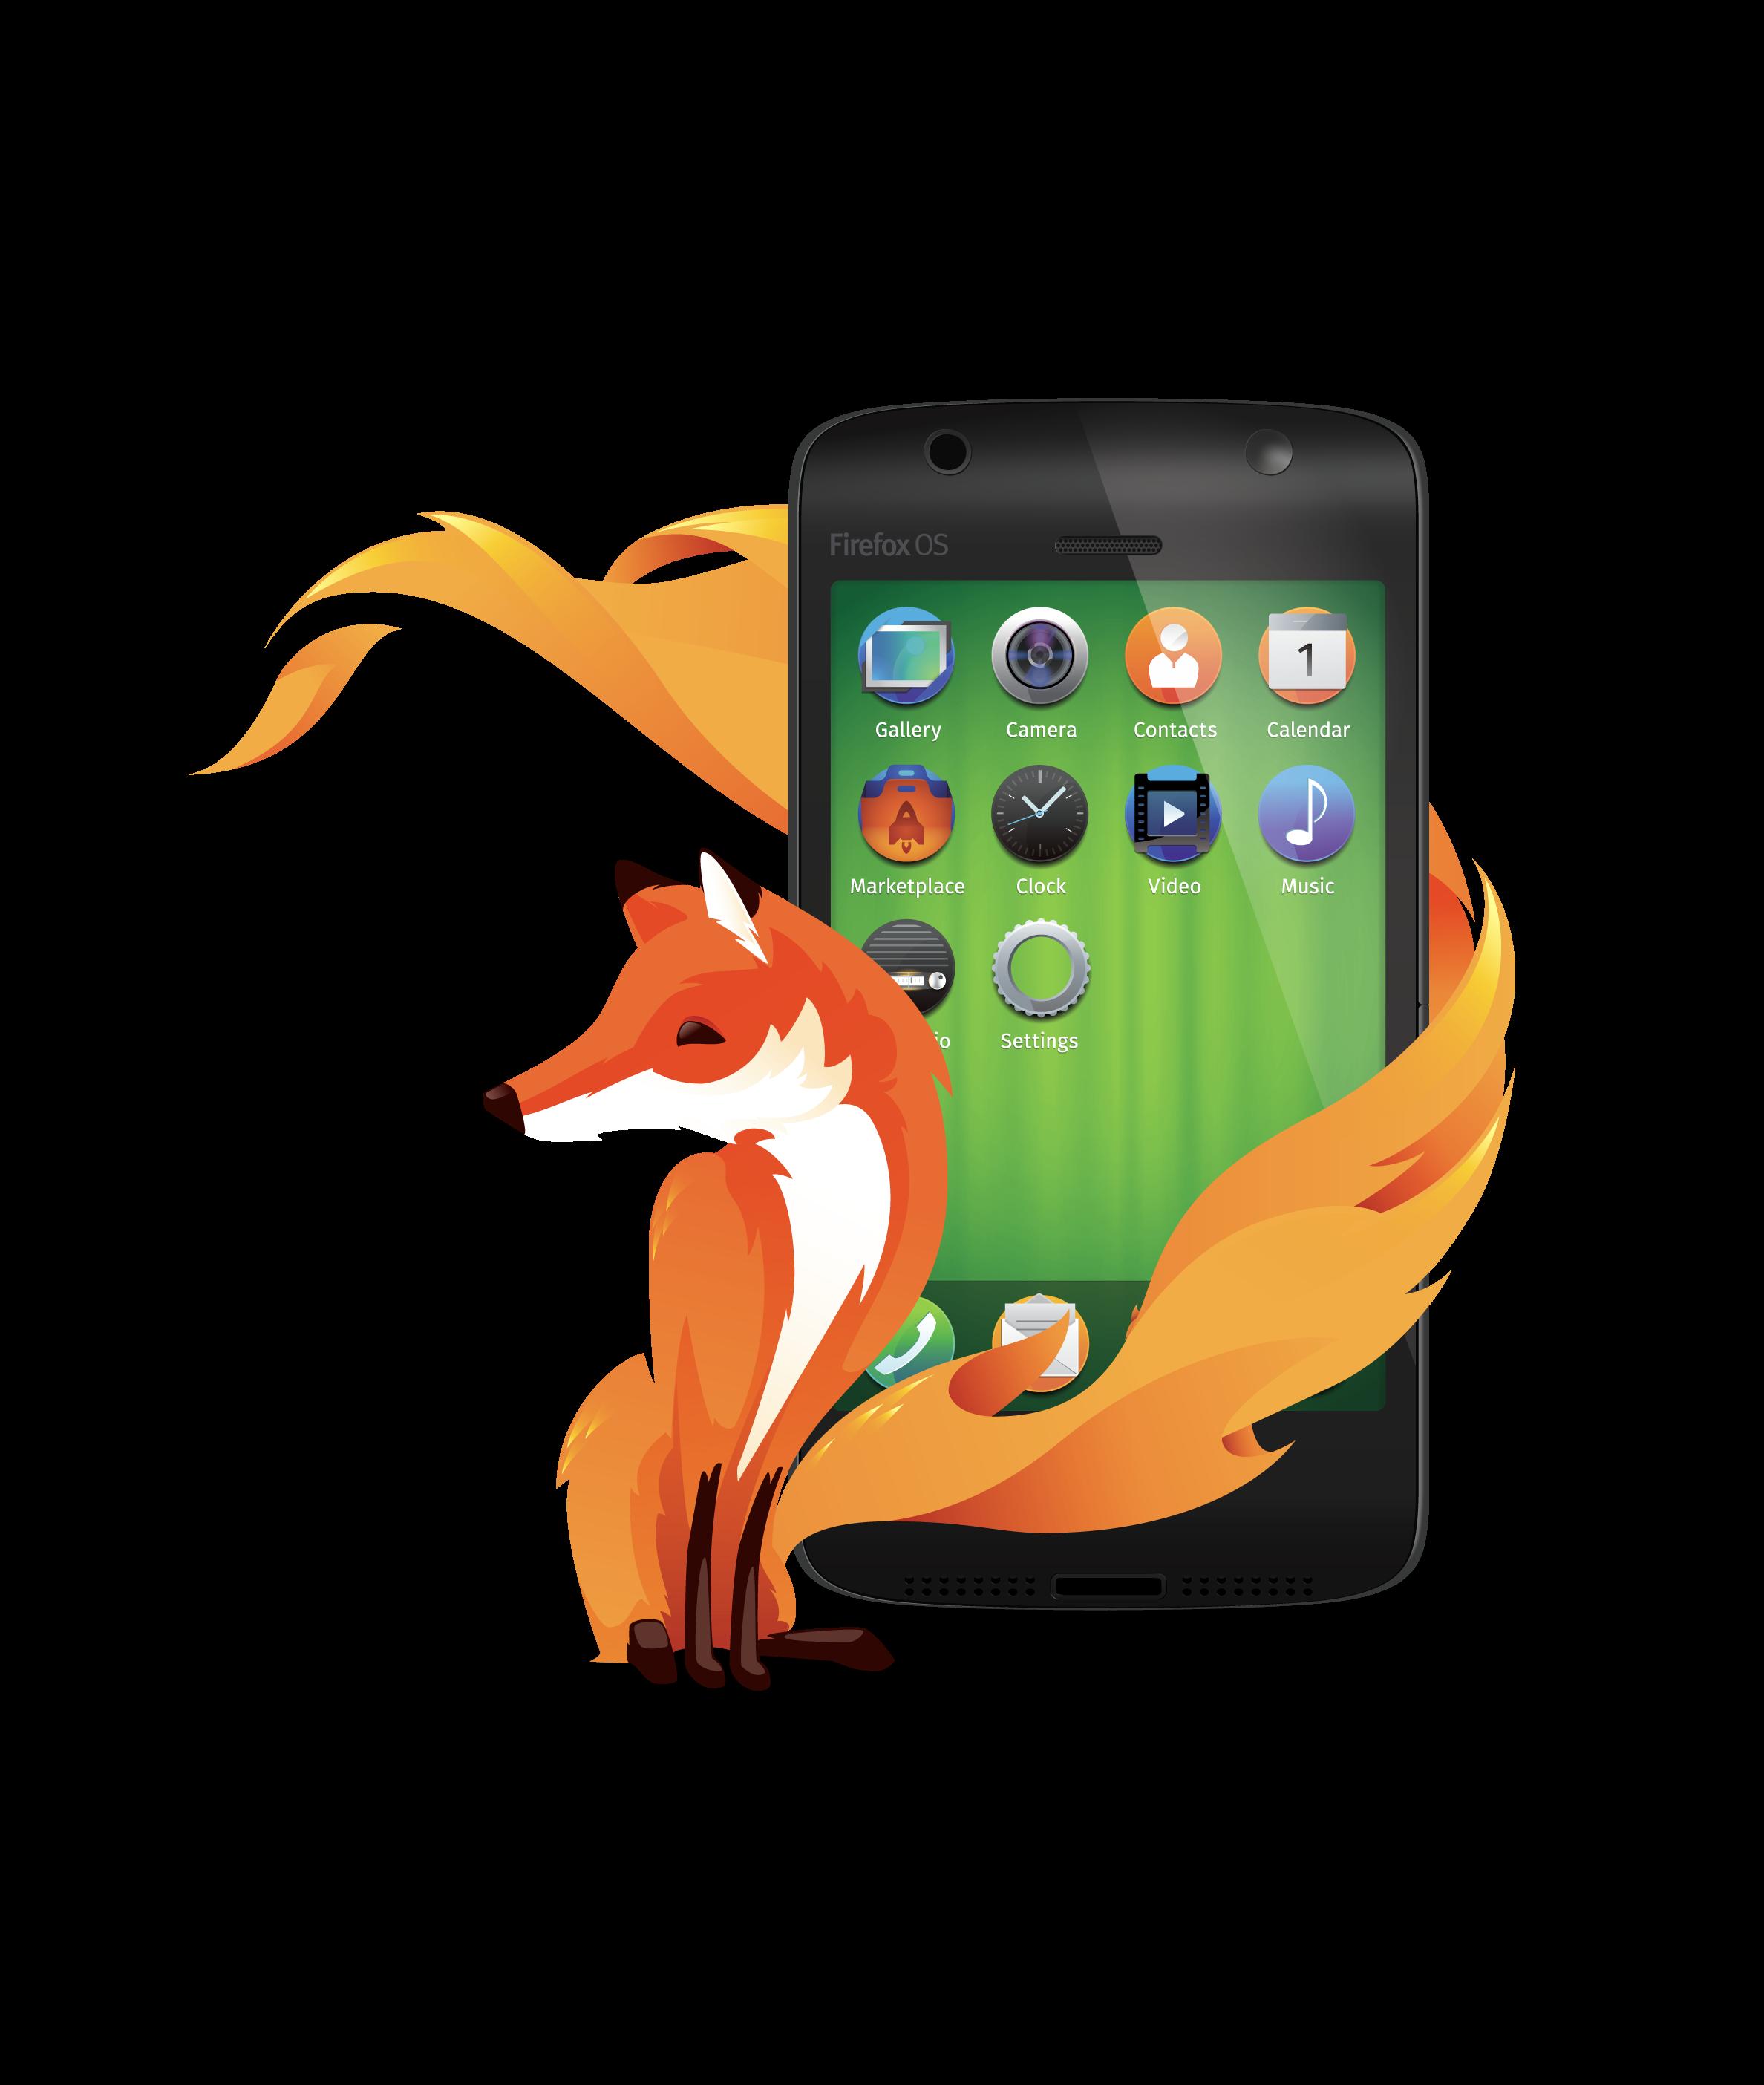 Firefox OS: Beyond webapps